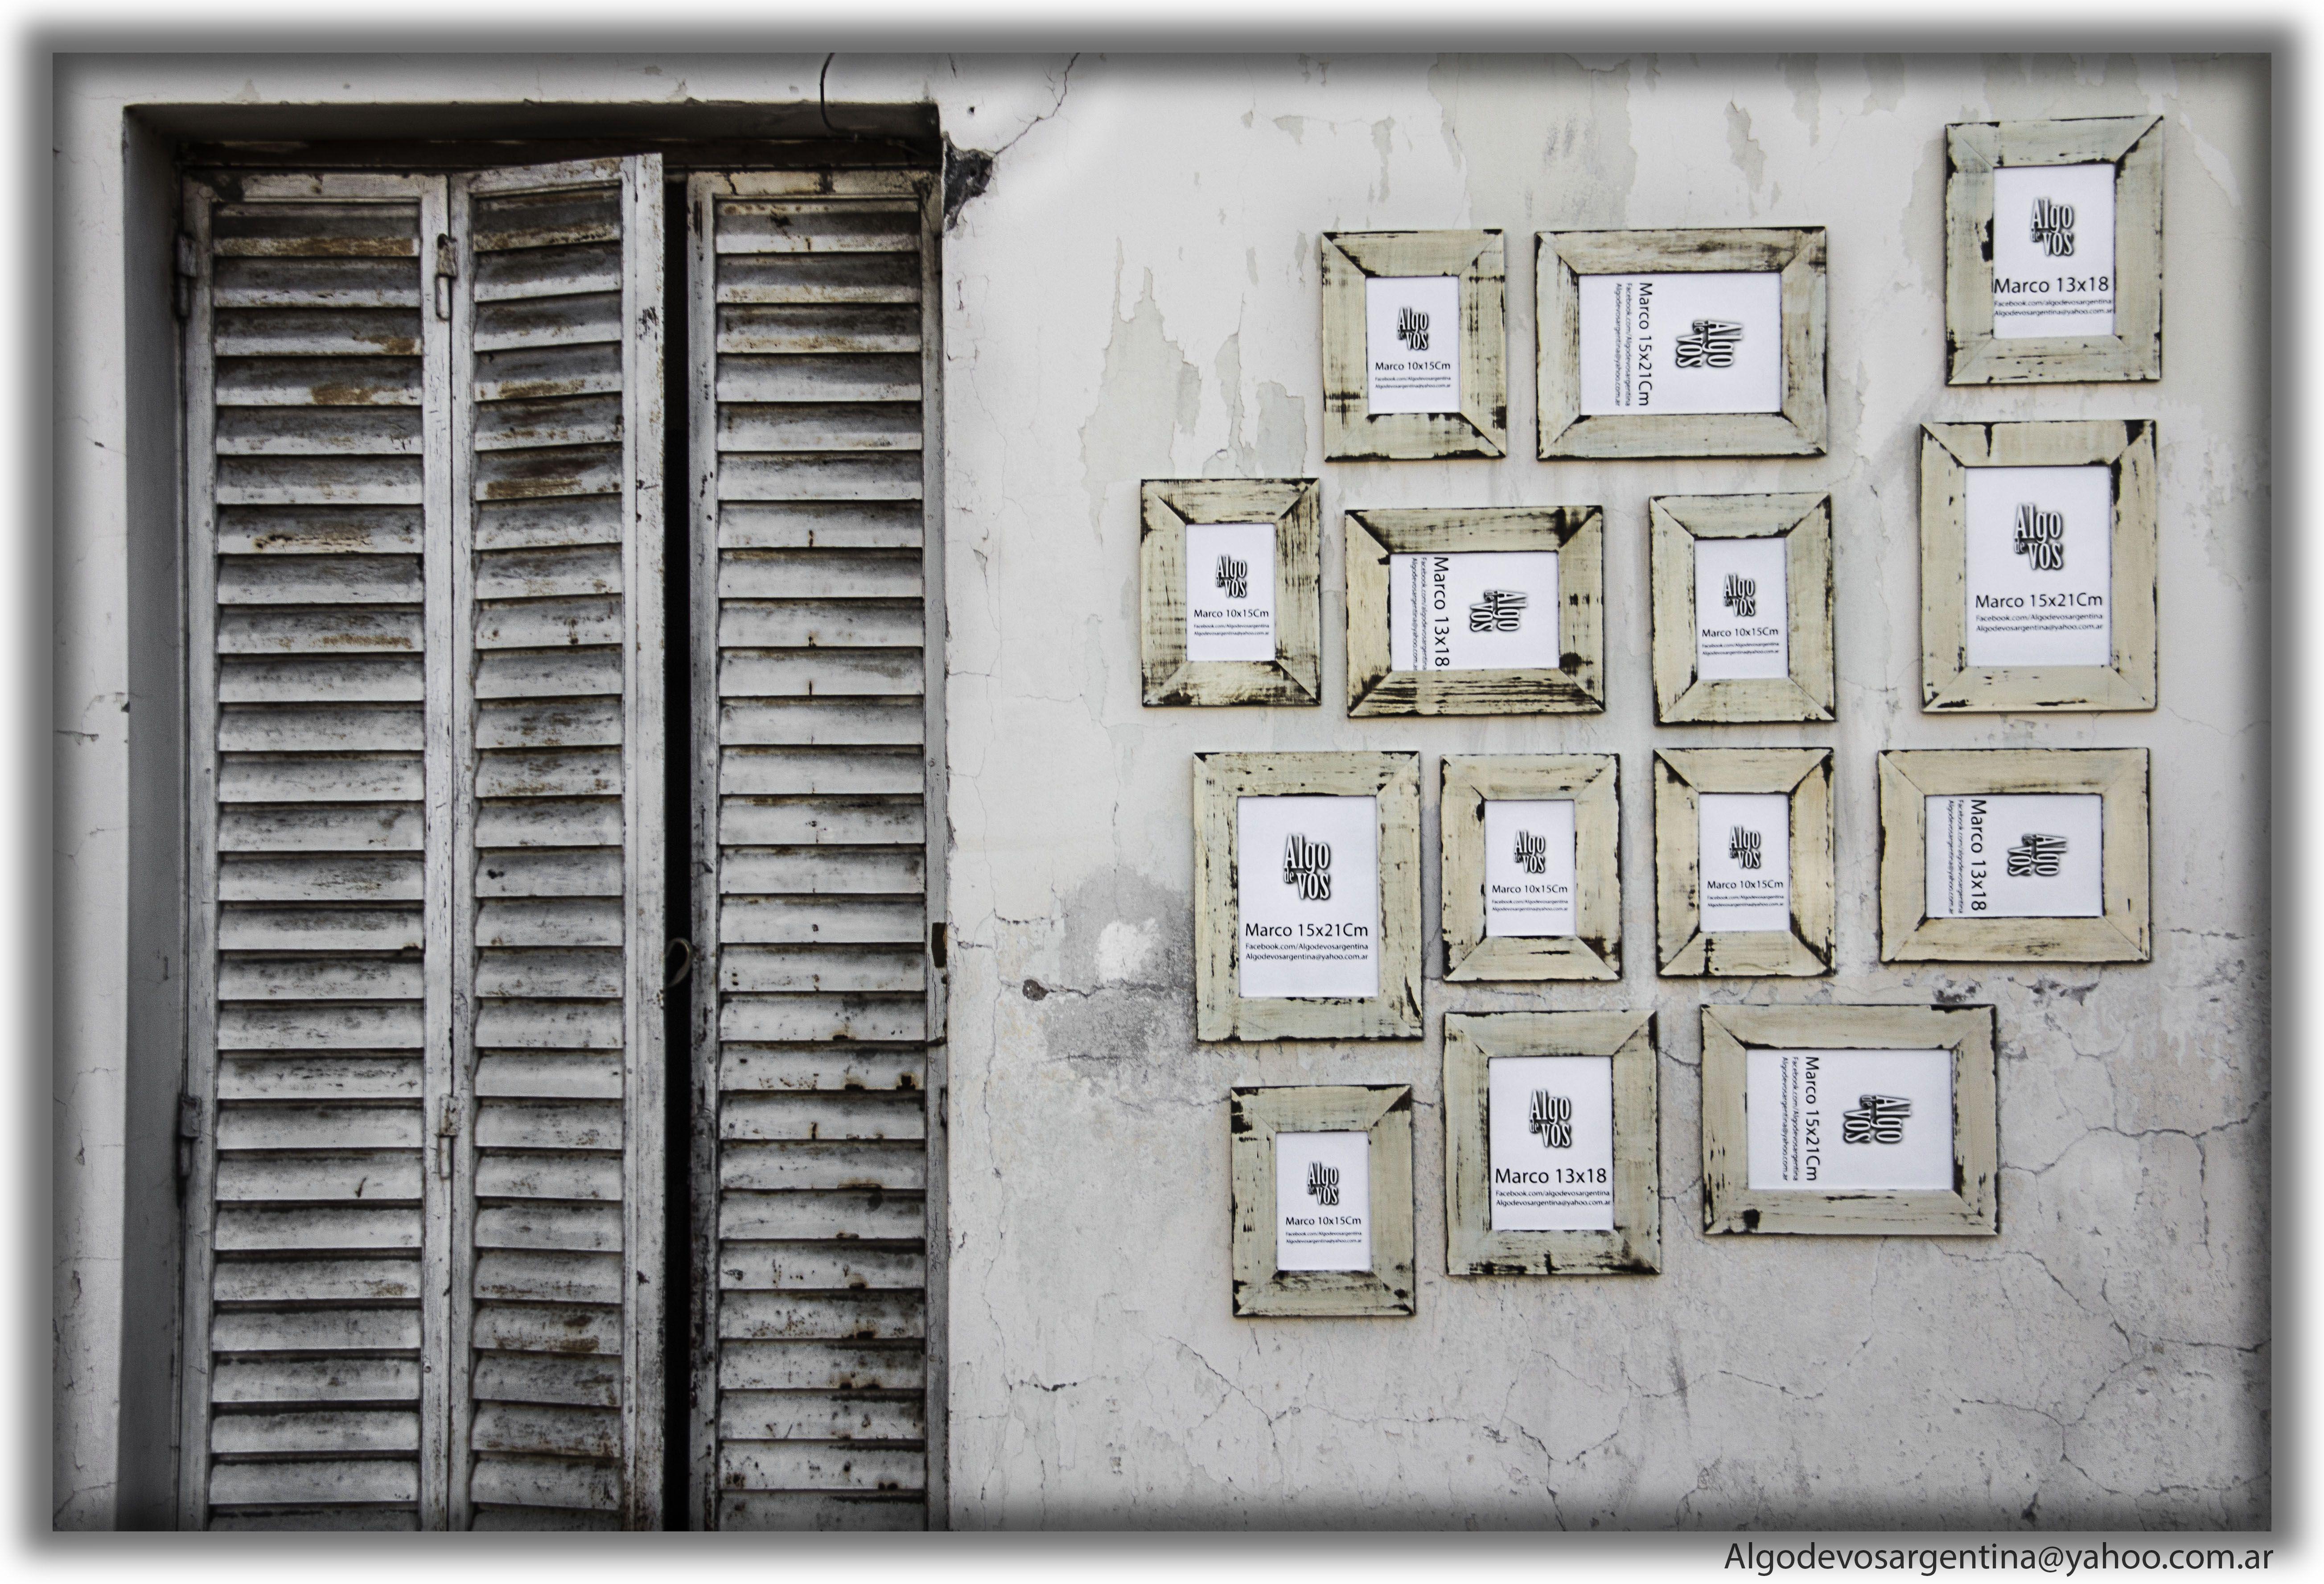 Marcos Vintage, personaliza tus paredes como mas te gusta, mas info ...